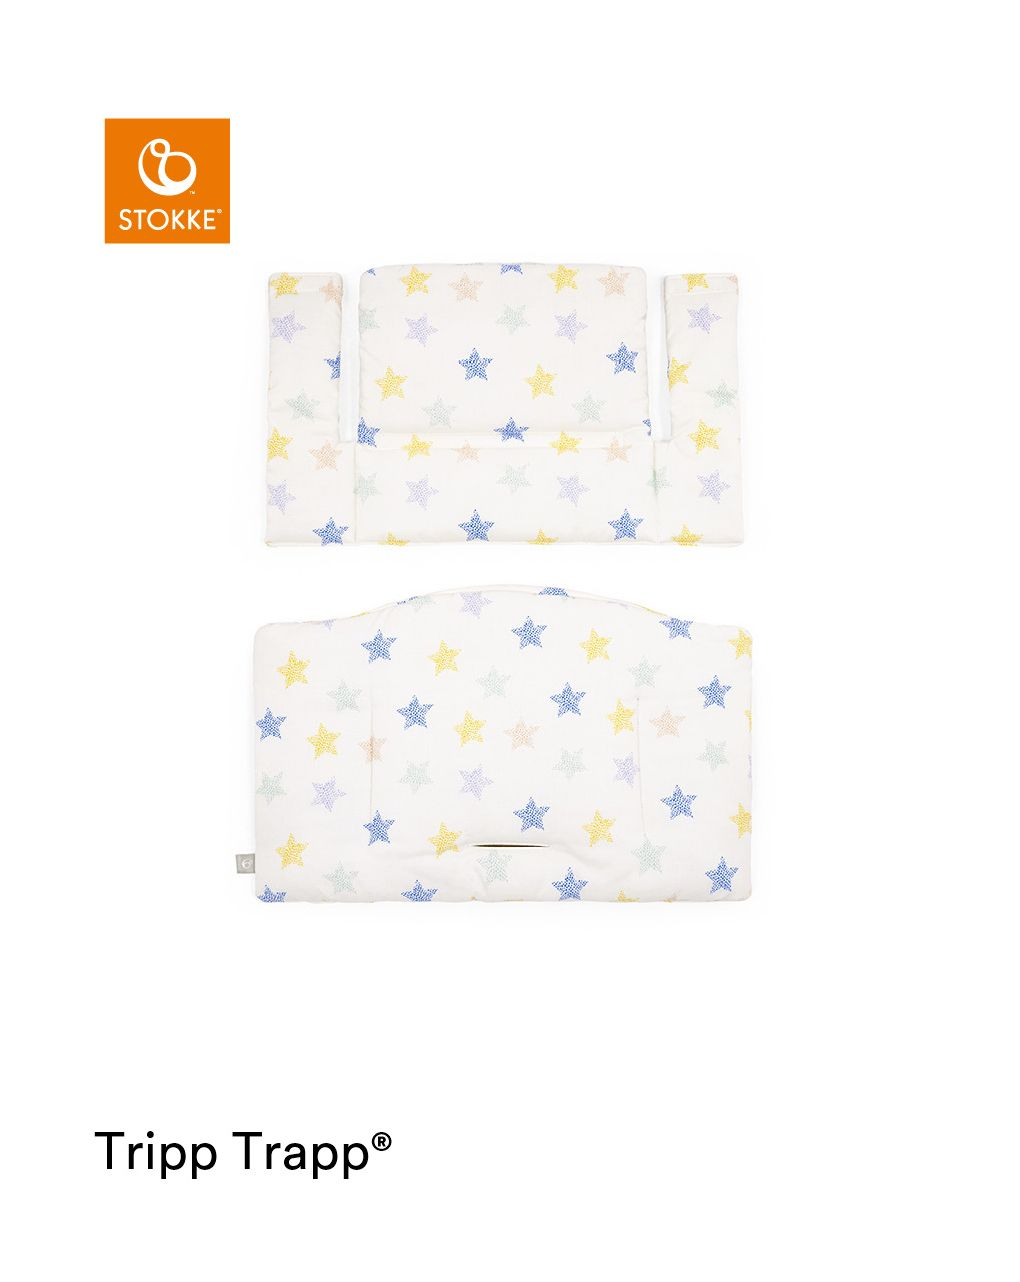 Tripp trapp® classic cushion stars multi ocs cuscino per seggiolone, morbido e avvolgente per il tuo bambino - Stokke